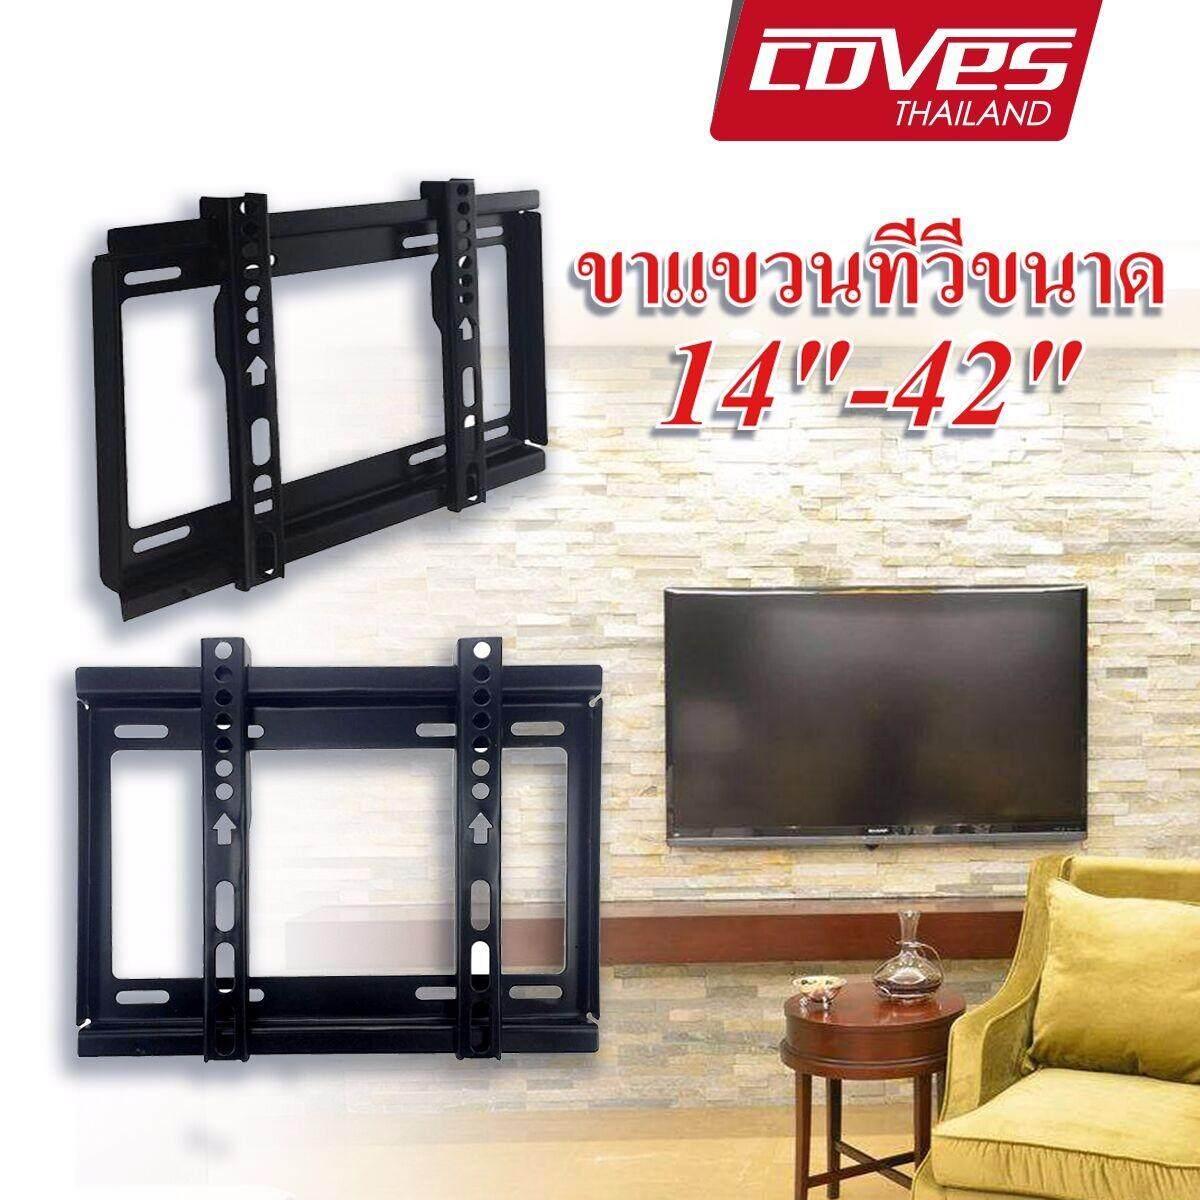 ขาแขวนทีวี LCD LED 14-42 นิ้ว